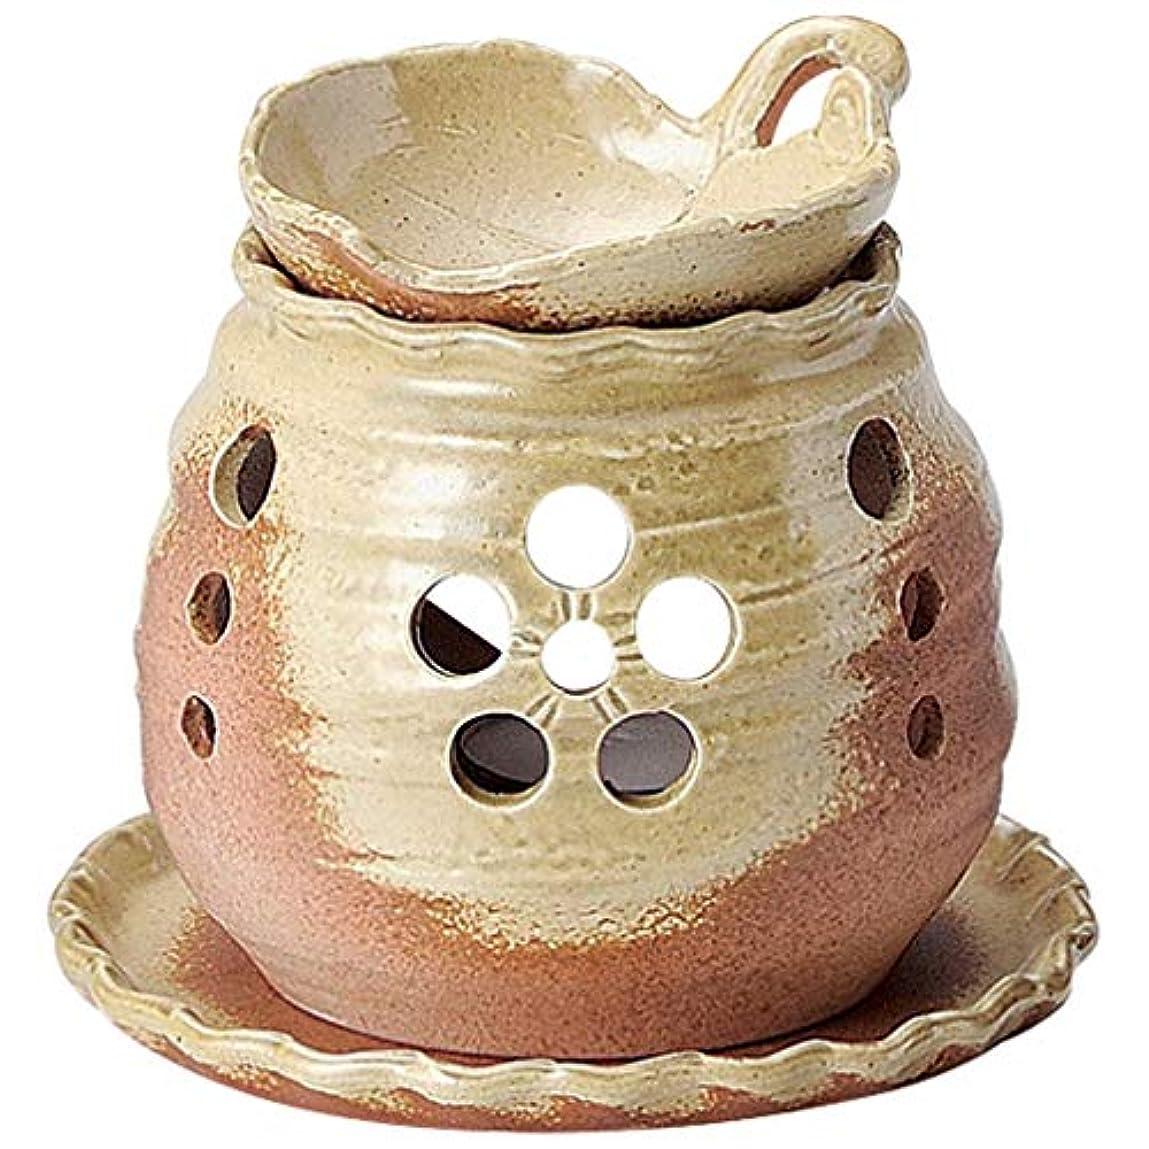 即席頼る地下室常滑焼 ?39-06 茶香炉ゆとり 木の葉 皿付   ロウソク1ヶ付 径13.2×11.5